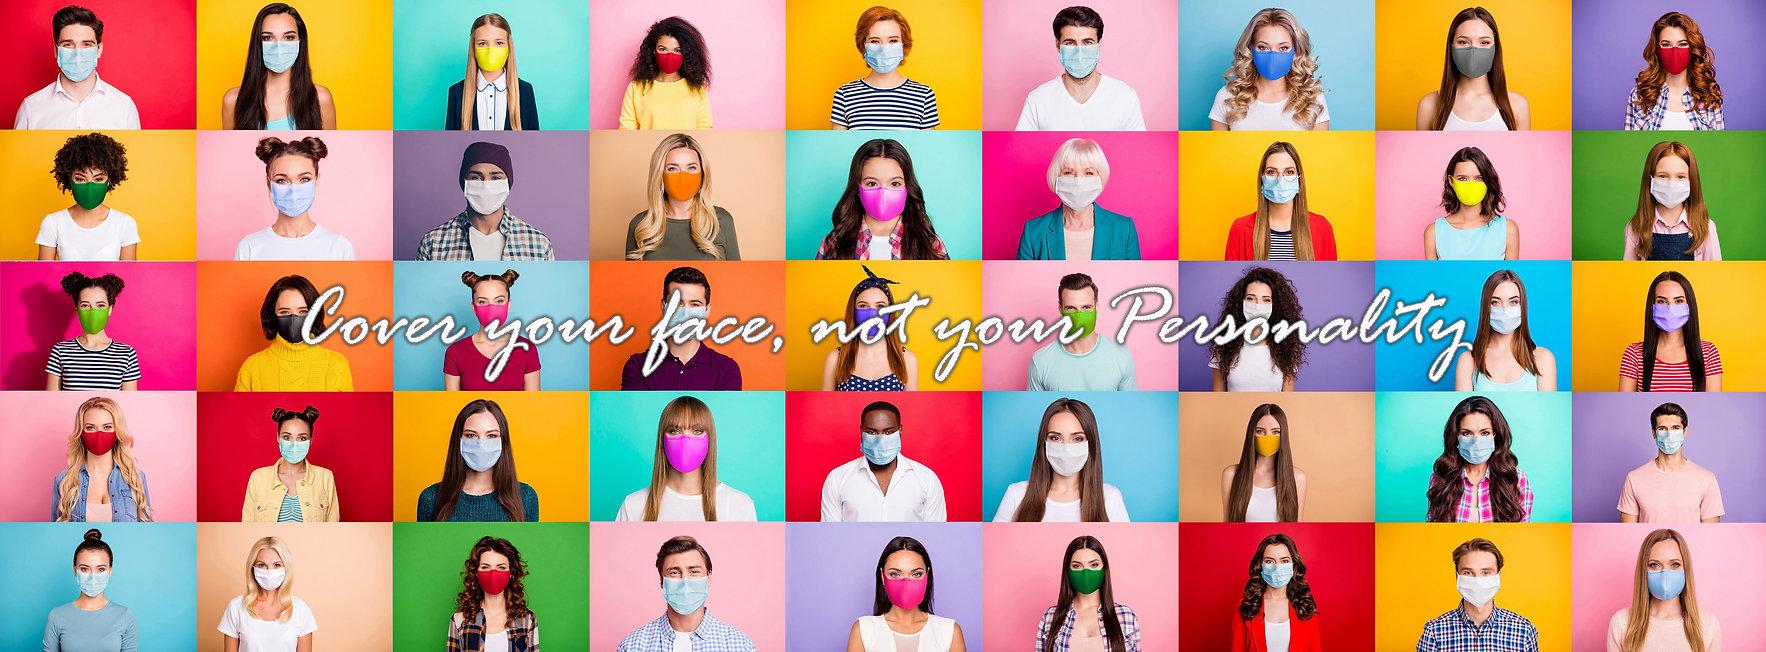 special masks - resized v2.jpg